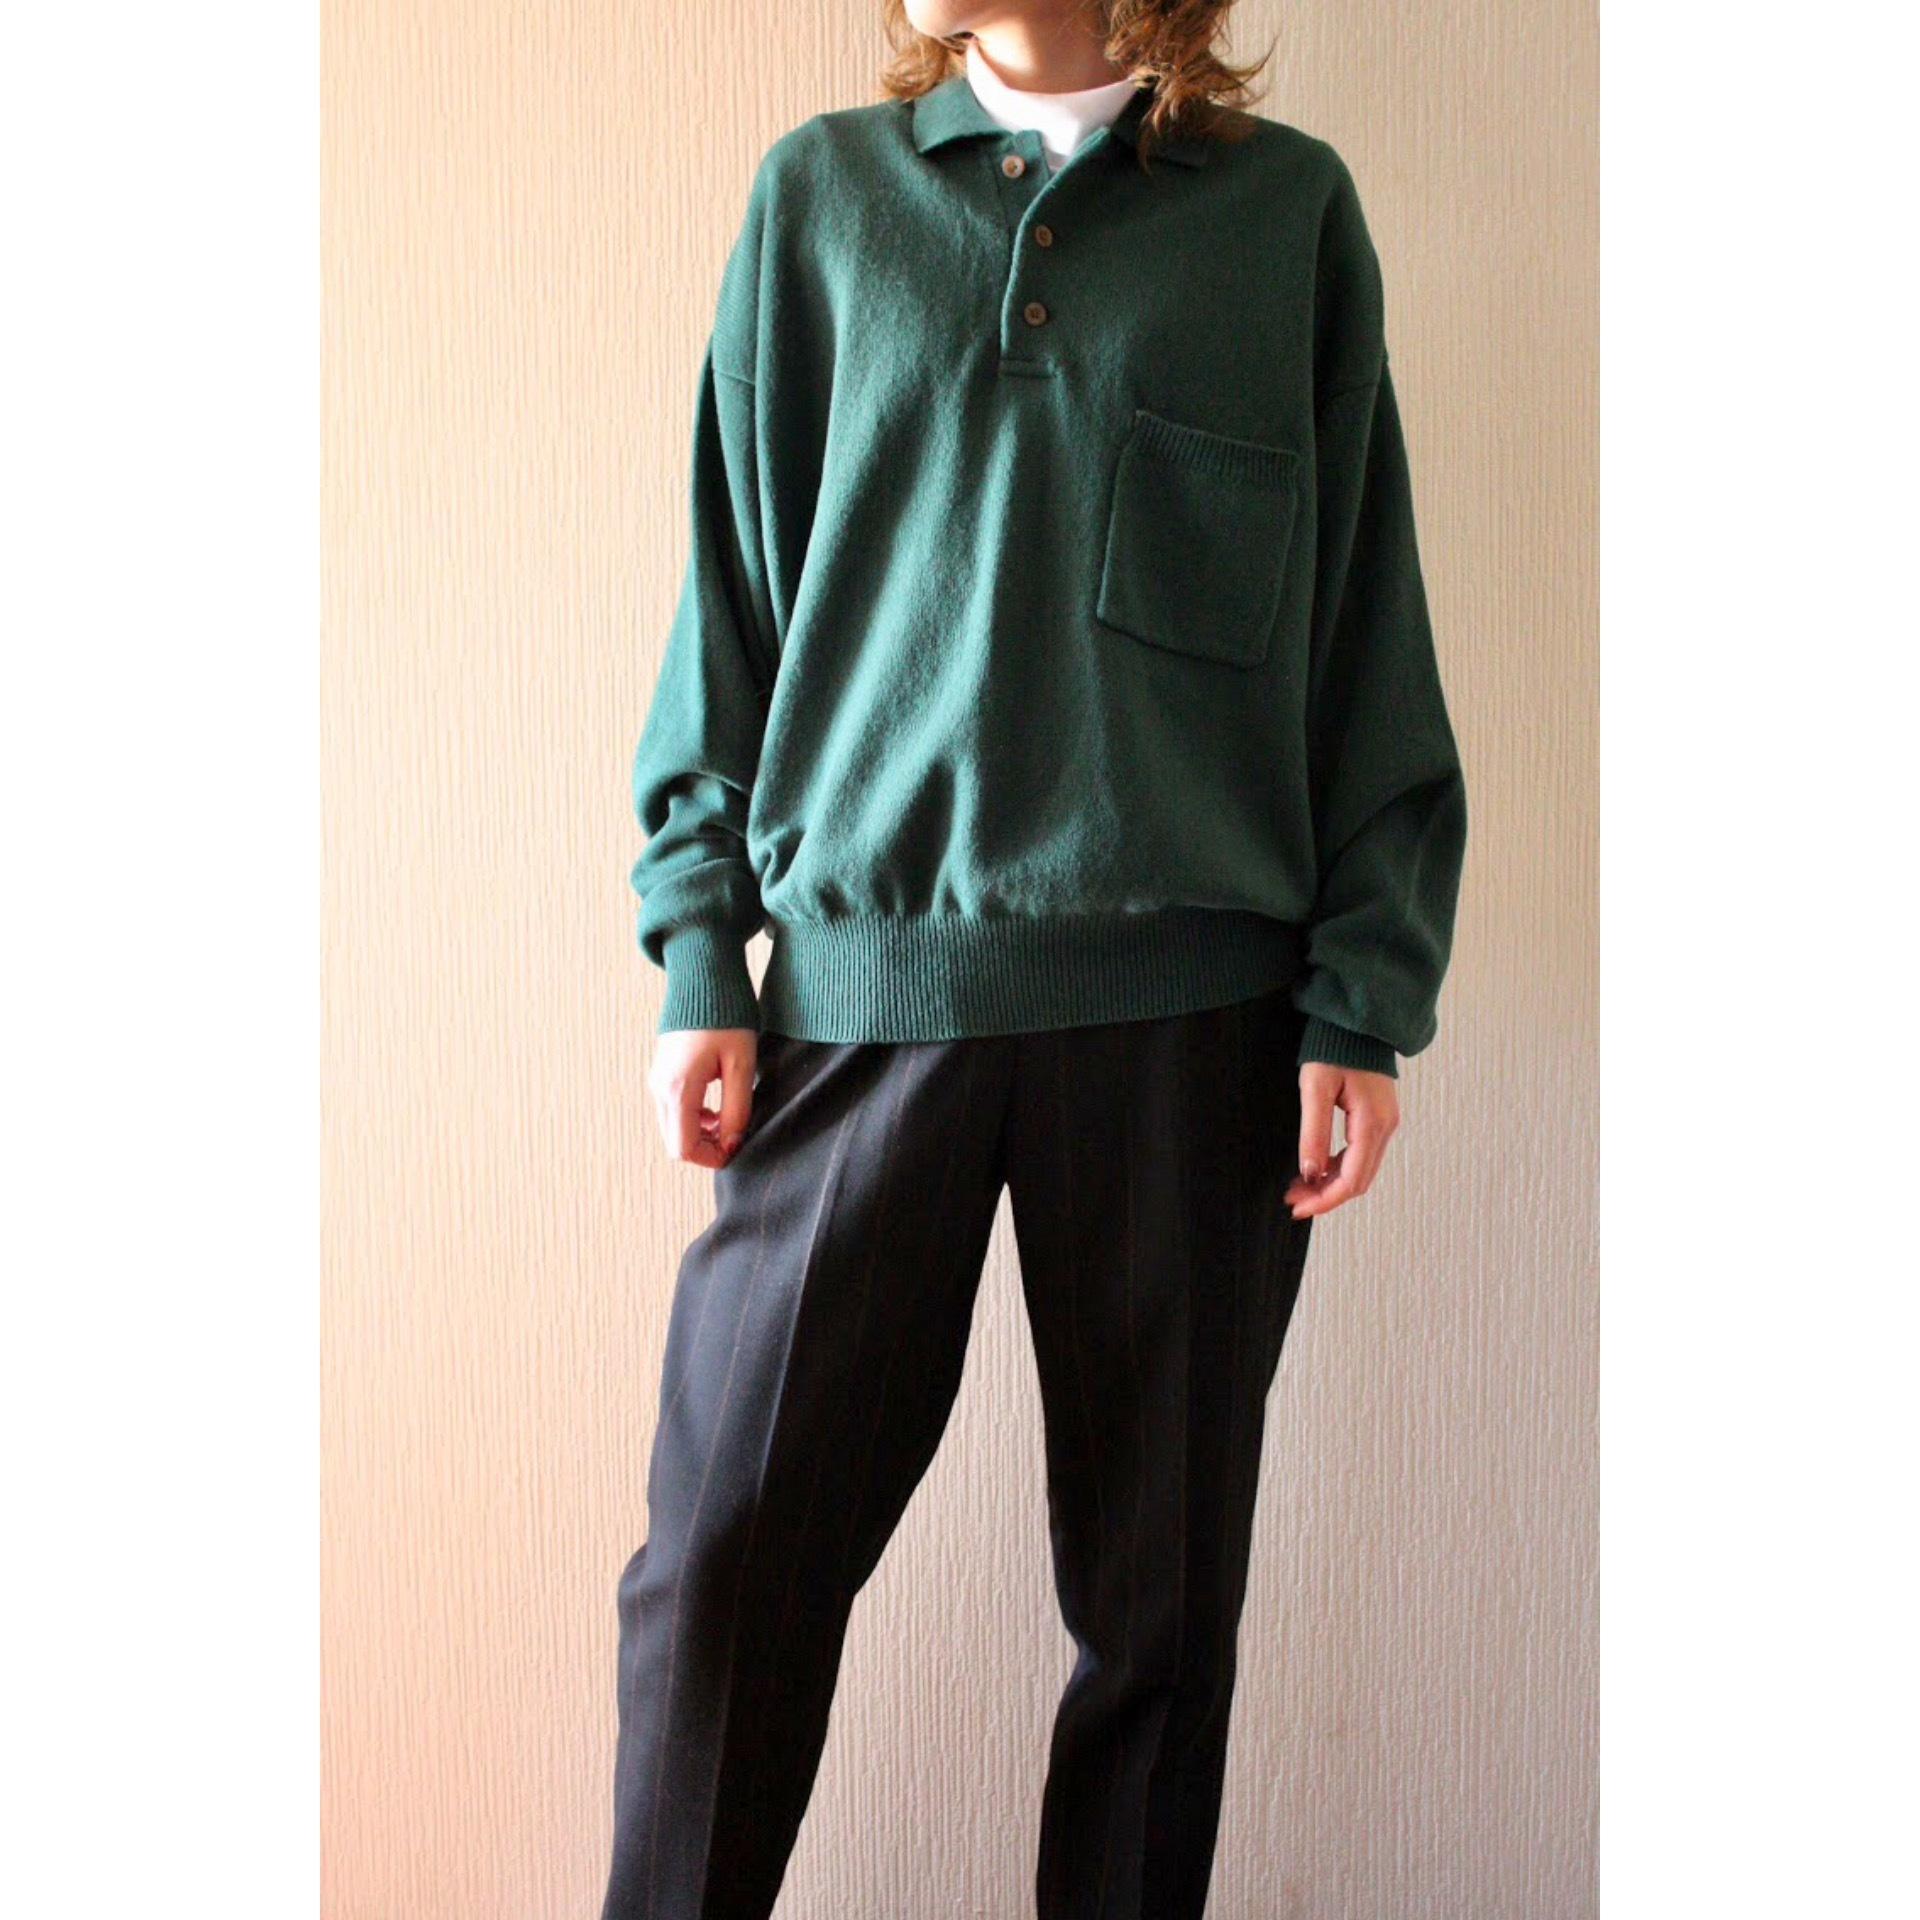 Vintage pocket sweater